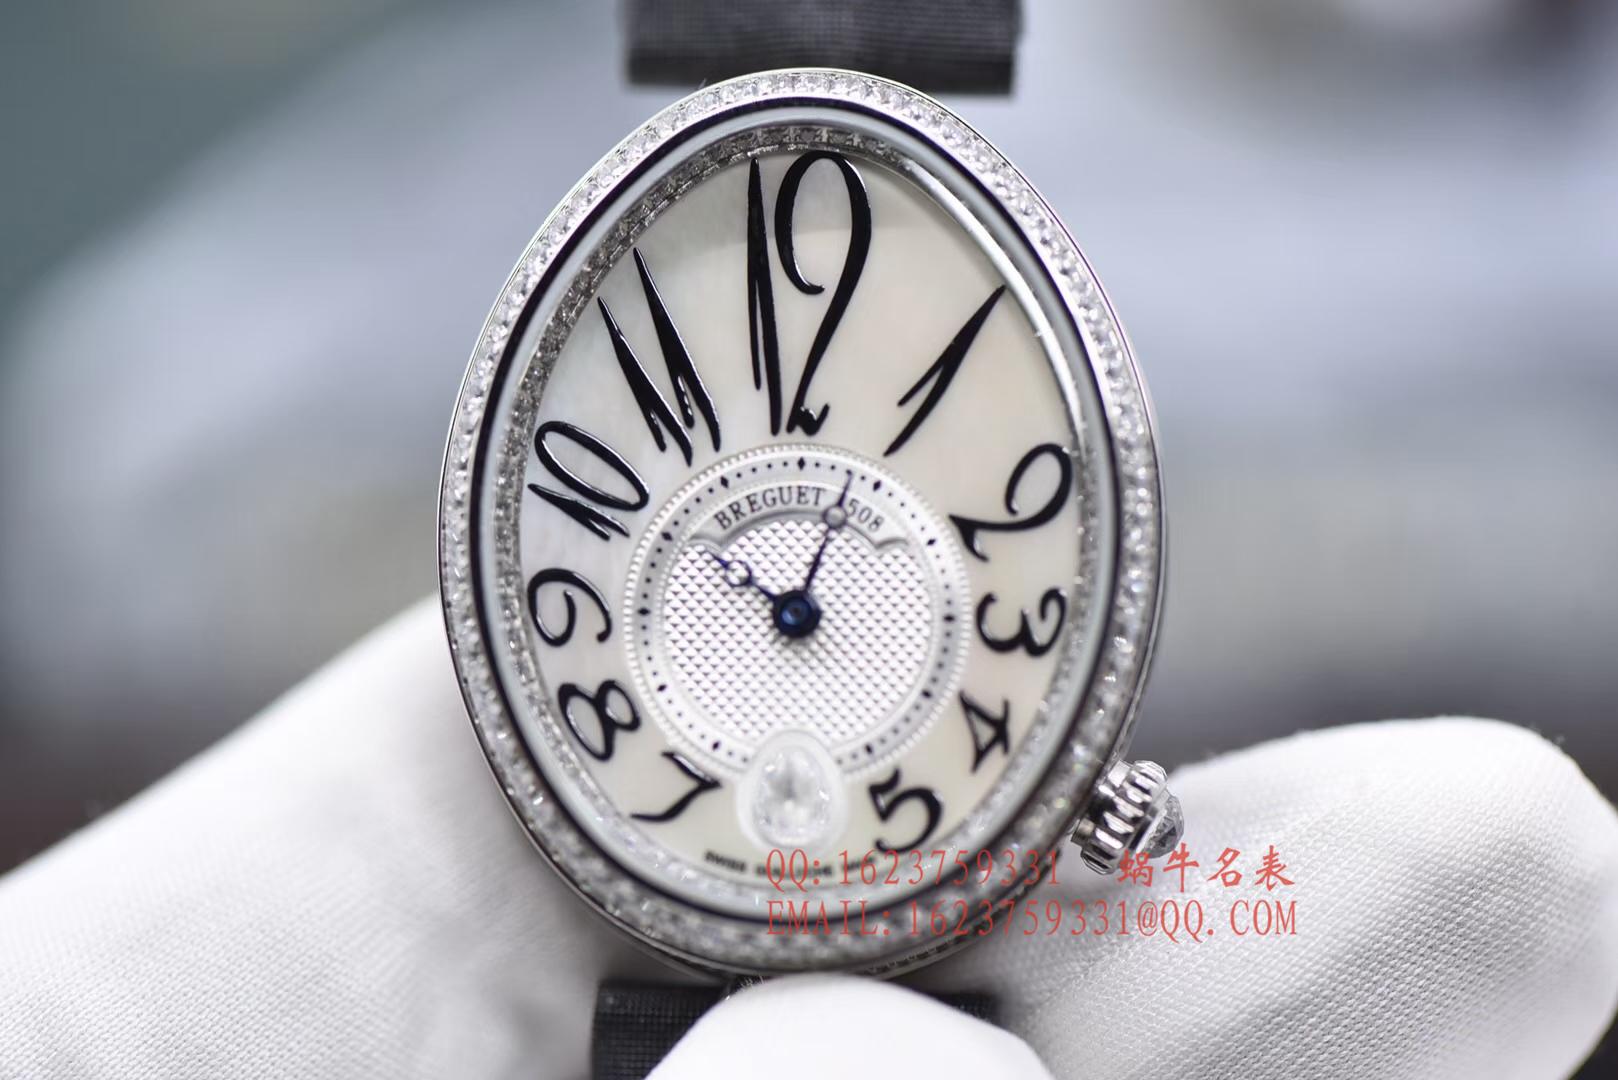 【独家视频评测一比一超A高仿】宝玑那不勒斯皇后系列8918BB/58/864/D00D女士腕表